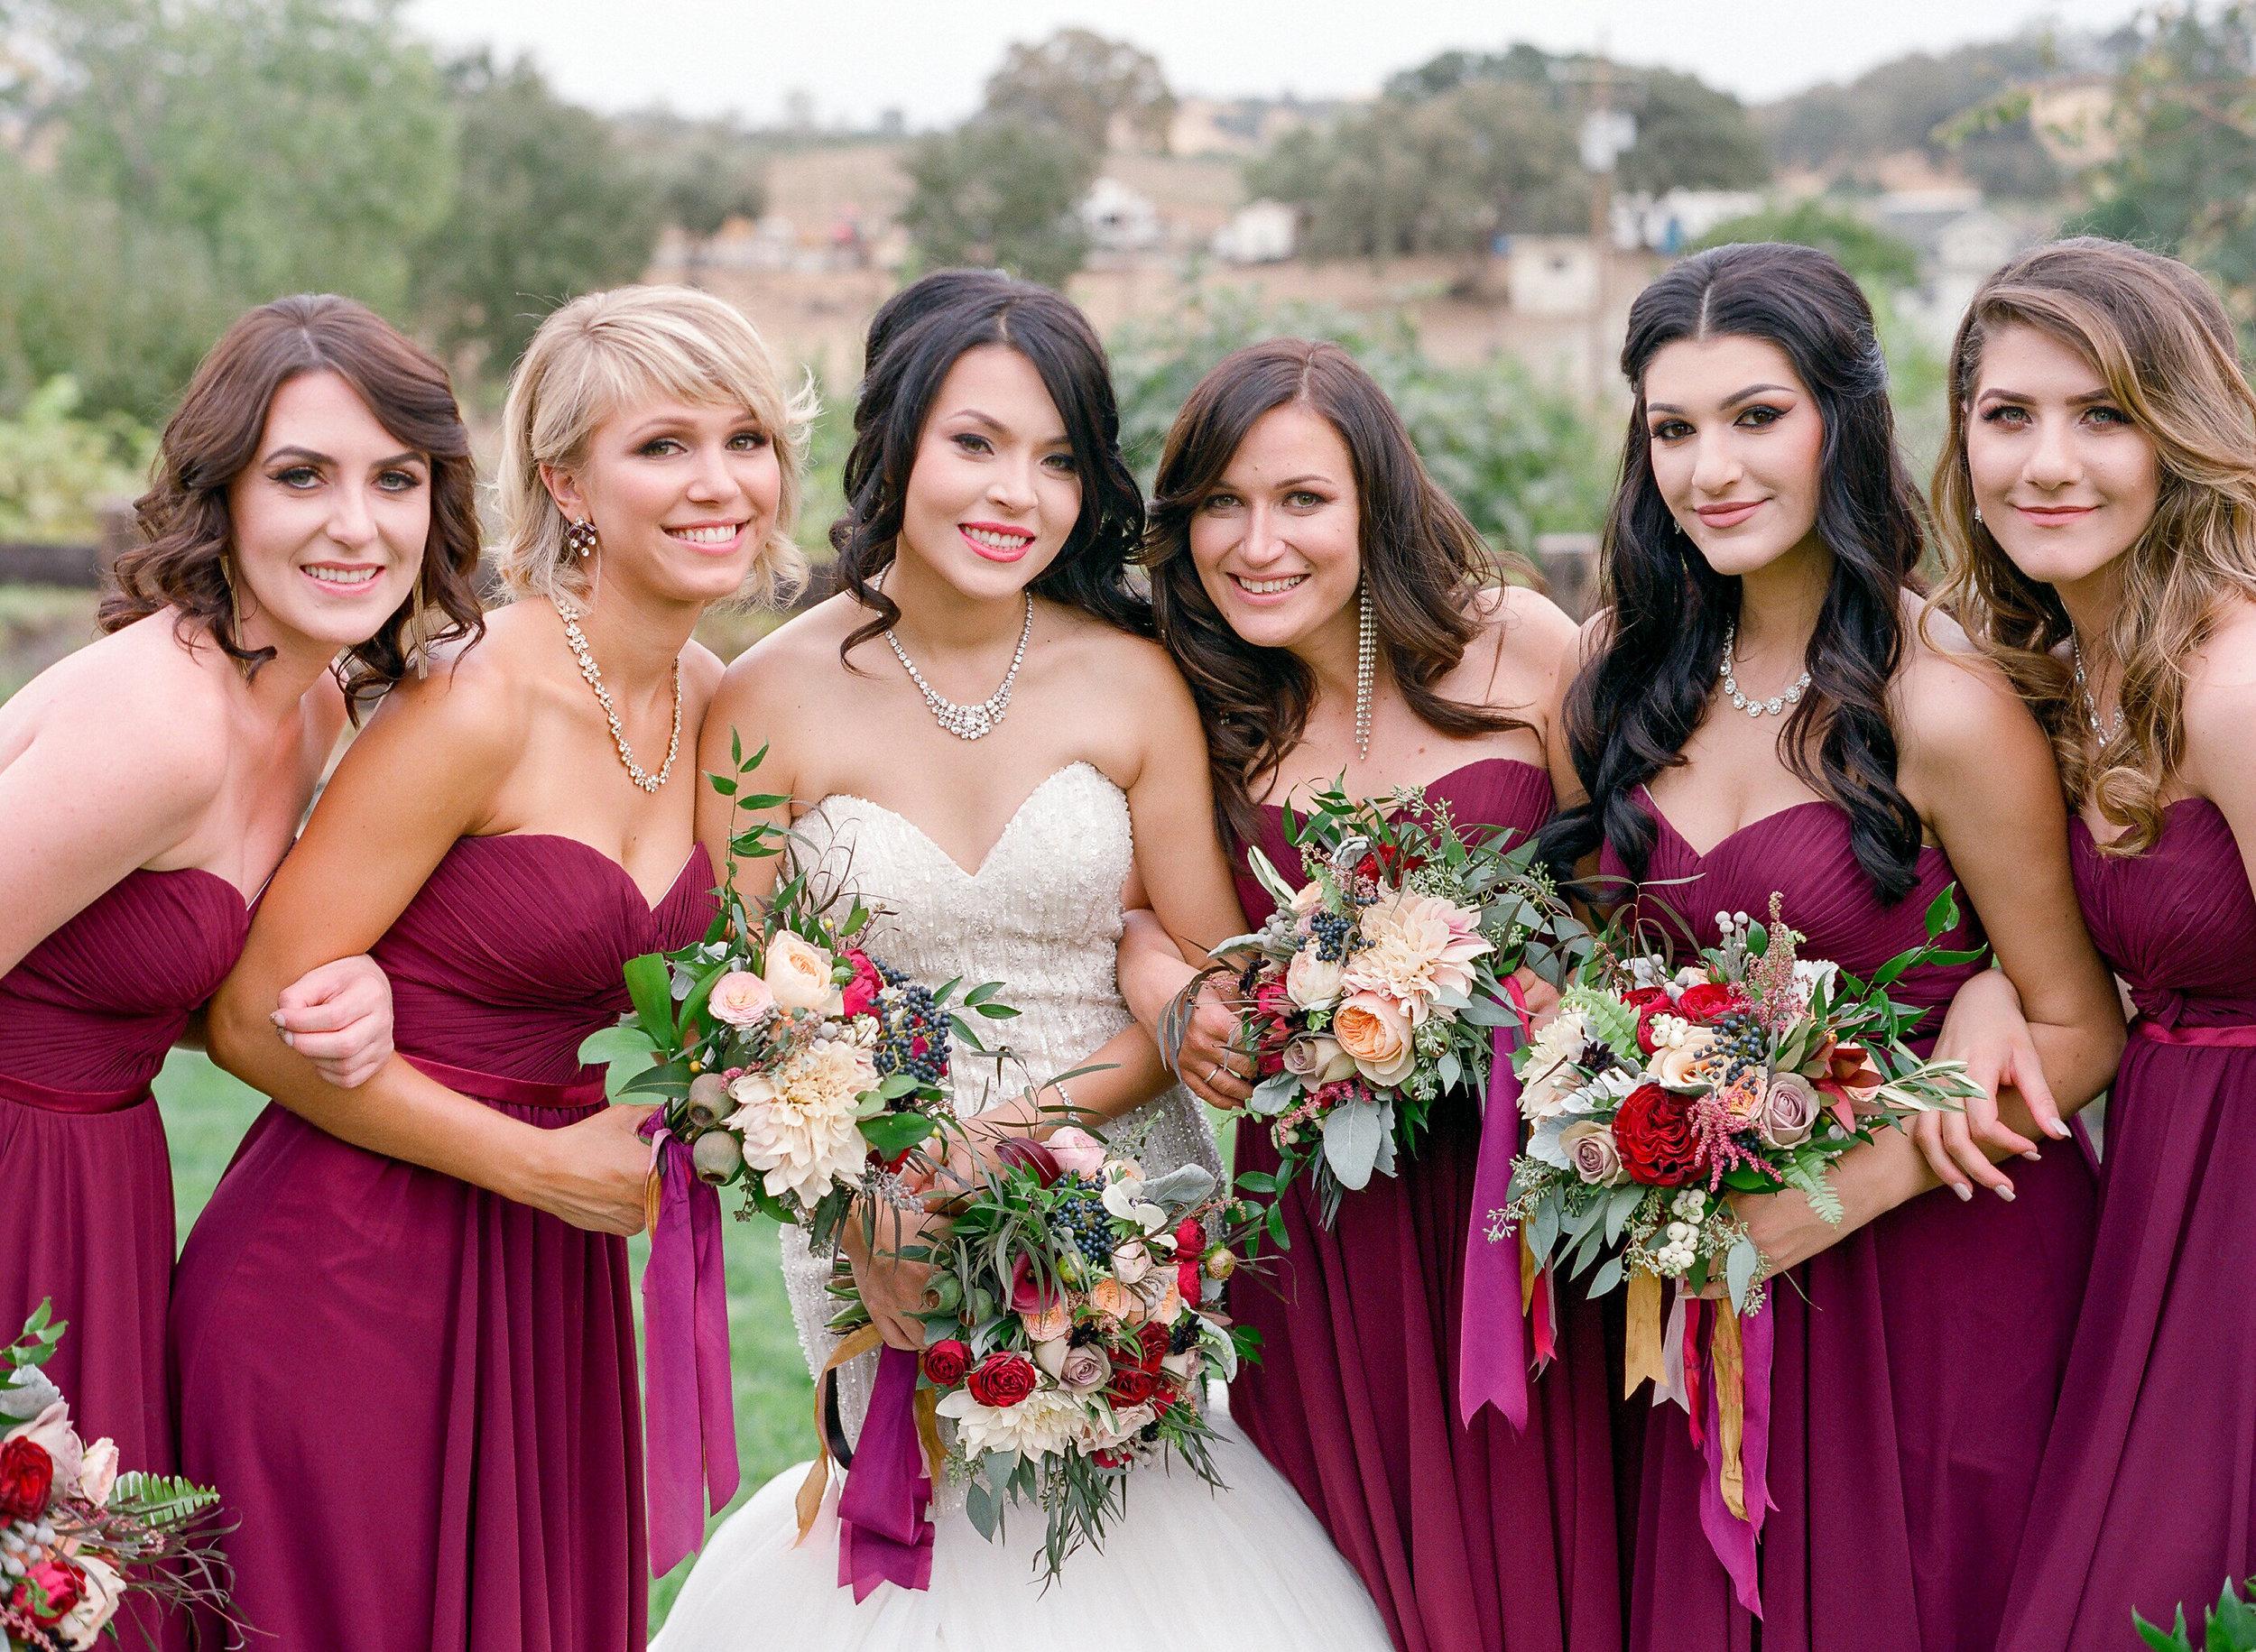 Amador_County_Wedding_Bride_Bridesmaids_Bouquets_Pose_Rancho_Victoria_Vineyard_Northern_California.jpg